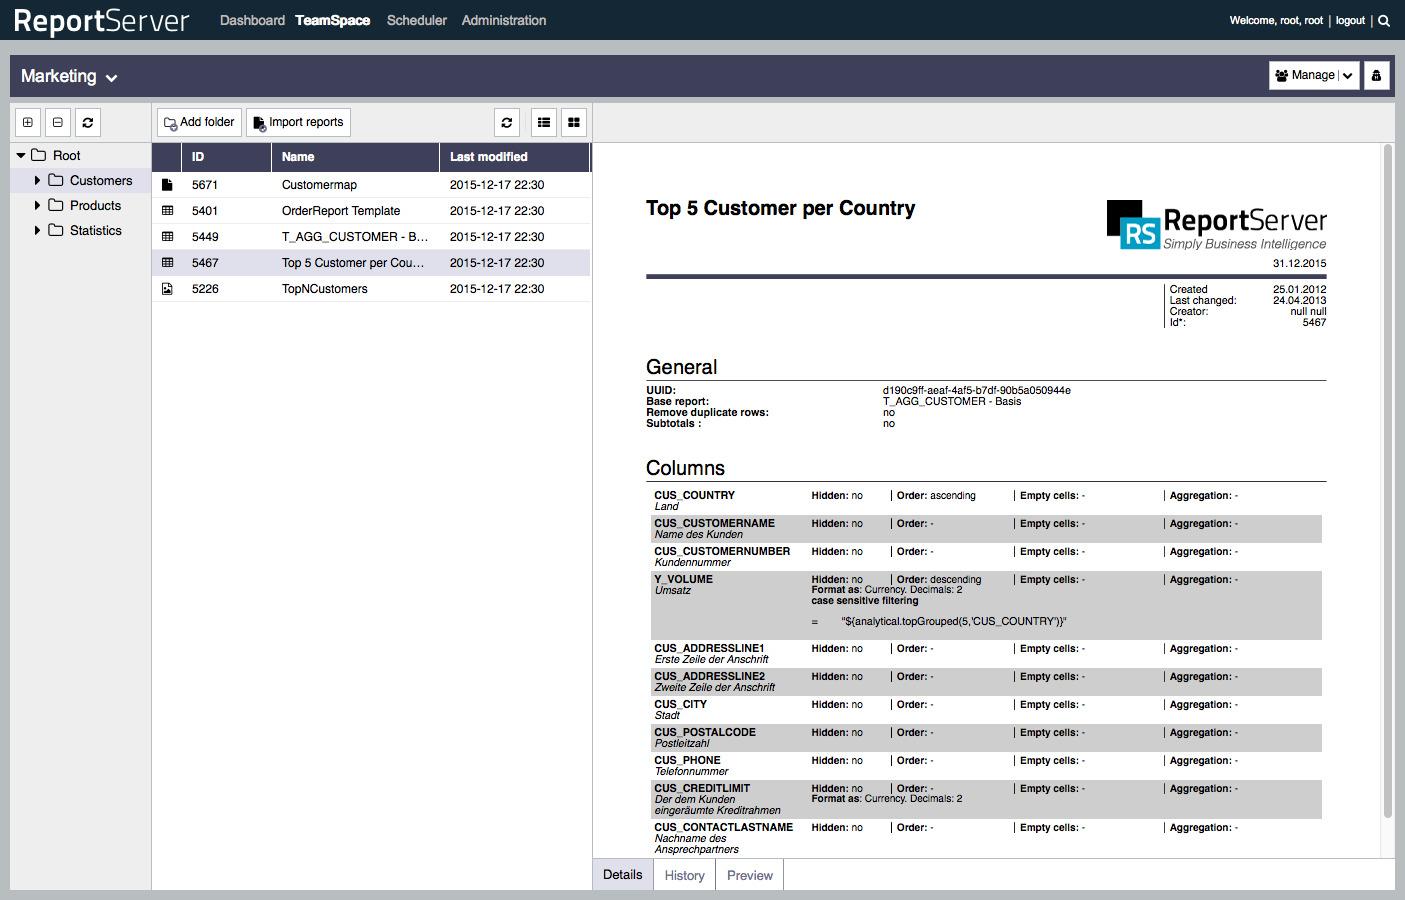 ReportServer Demo - The TeamSpace